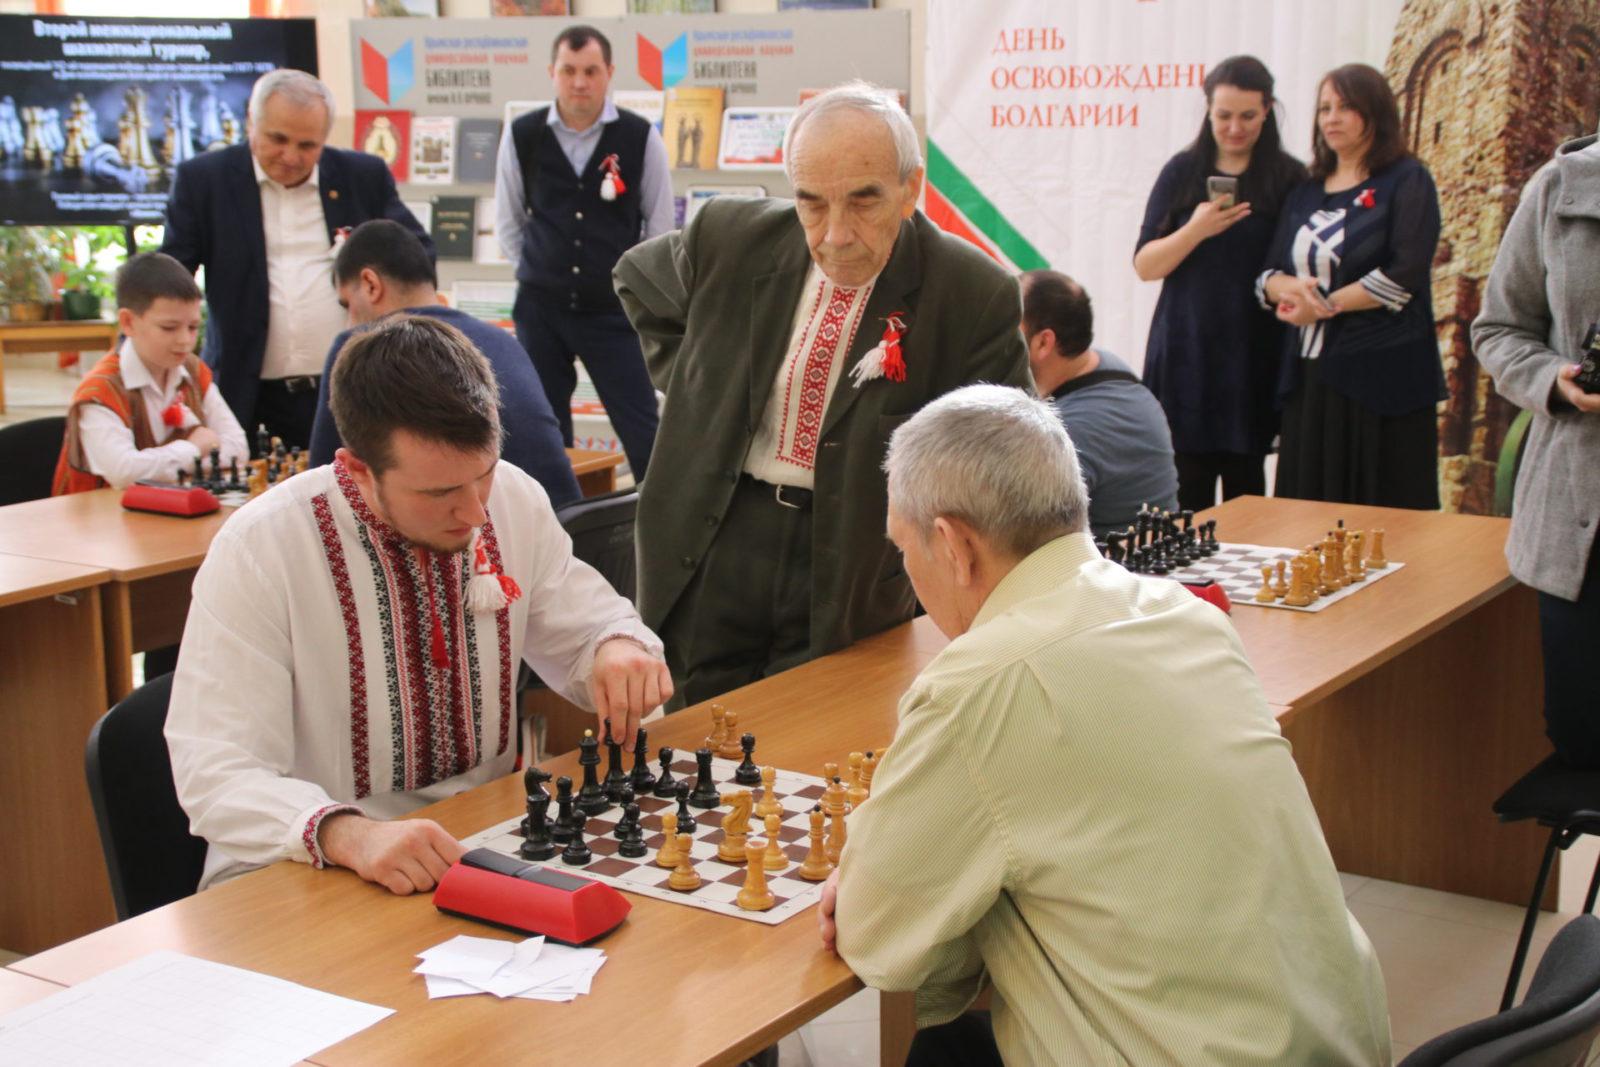 Гроссмейстер Сергей Карякин приедет на шахматный турнир, организованный болгарами Крыма [фото]